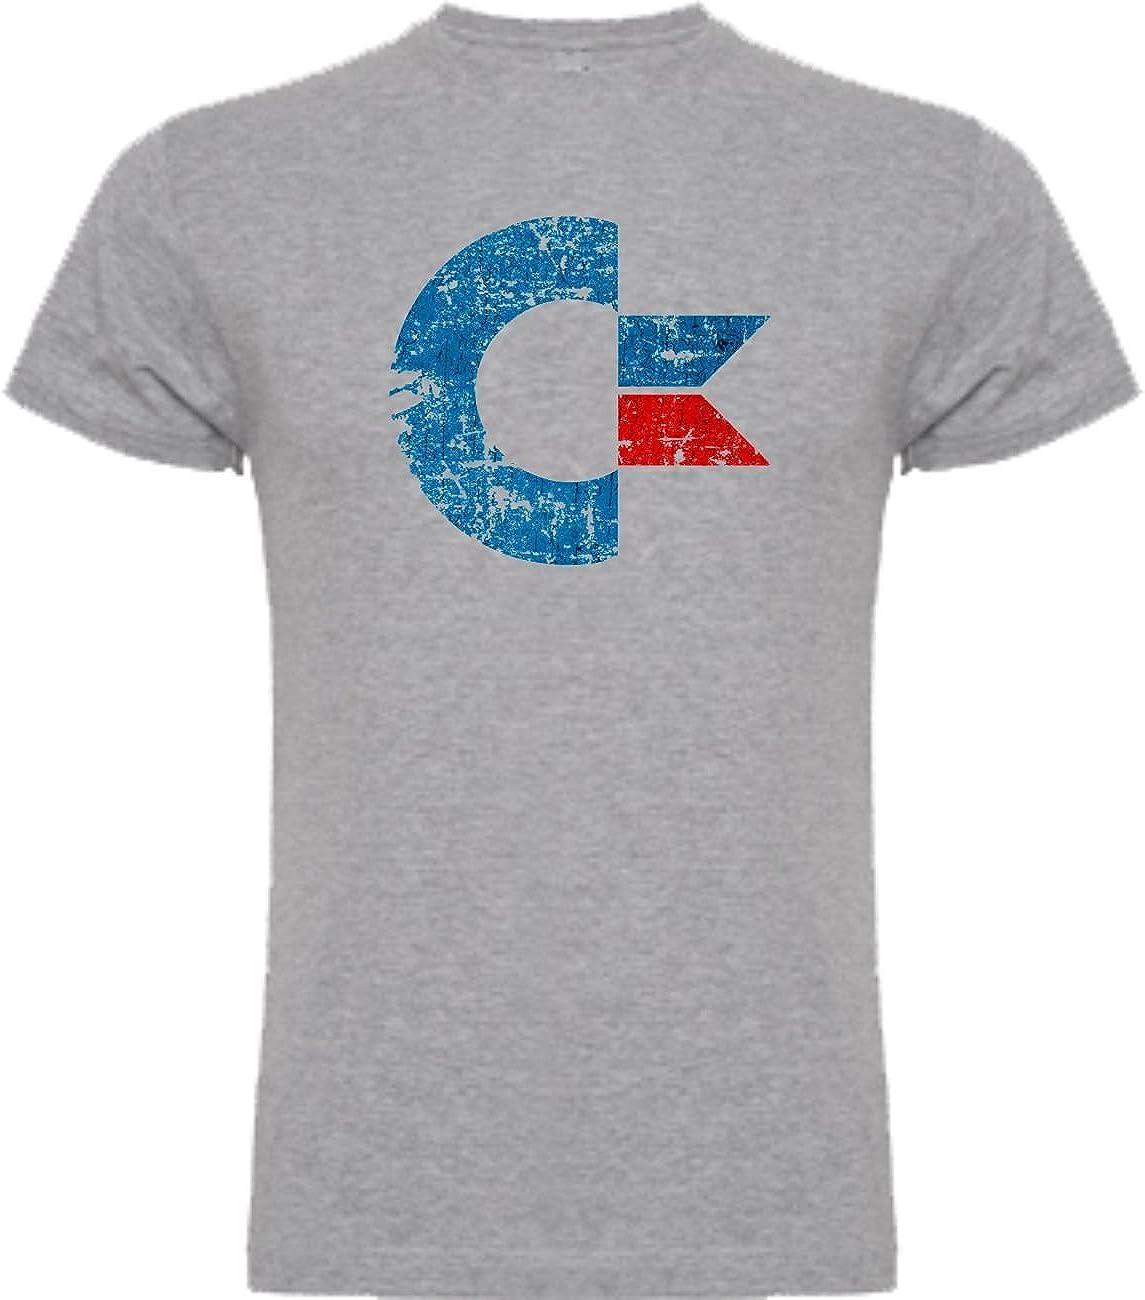 The Fan Tee Camiseta de Mujer Comodore Retro Gamer Logo Friki 64 Juego: Amazon.es: Ropa y accesorios